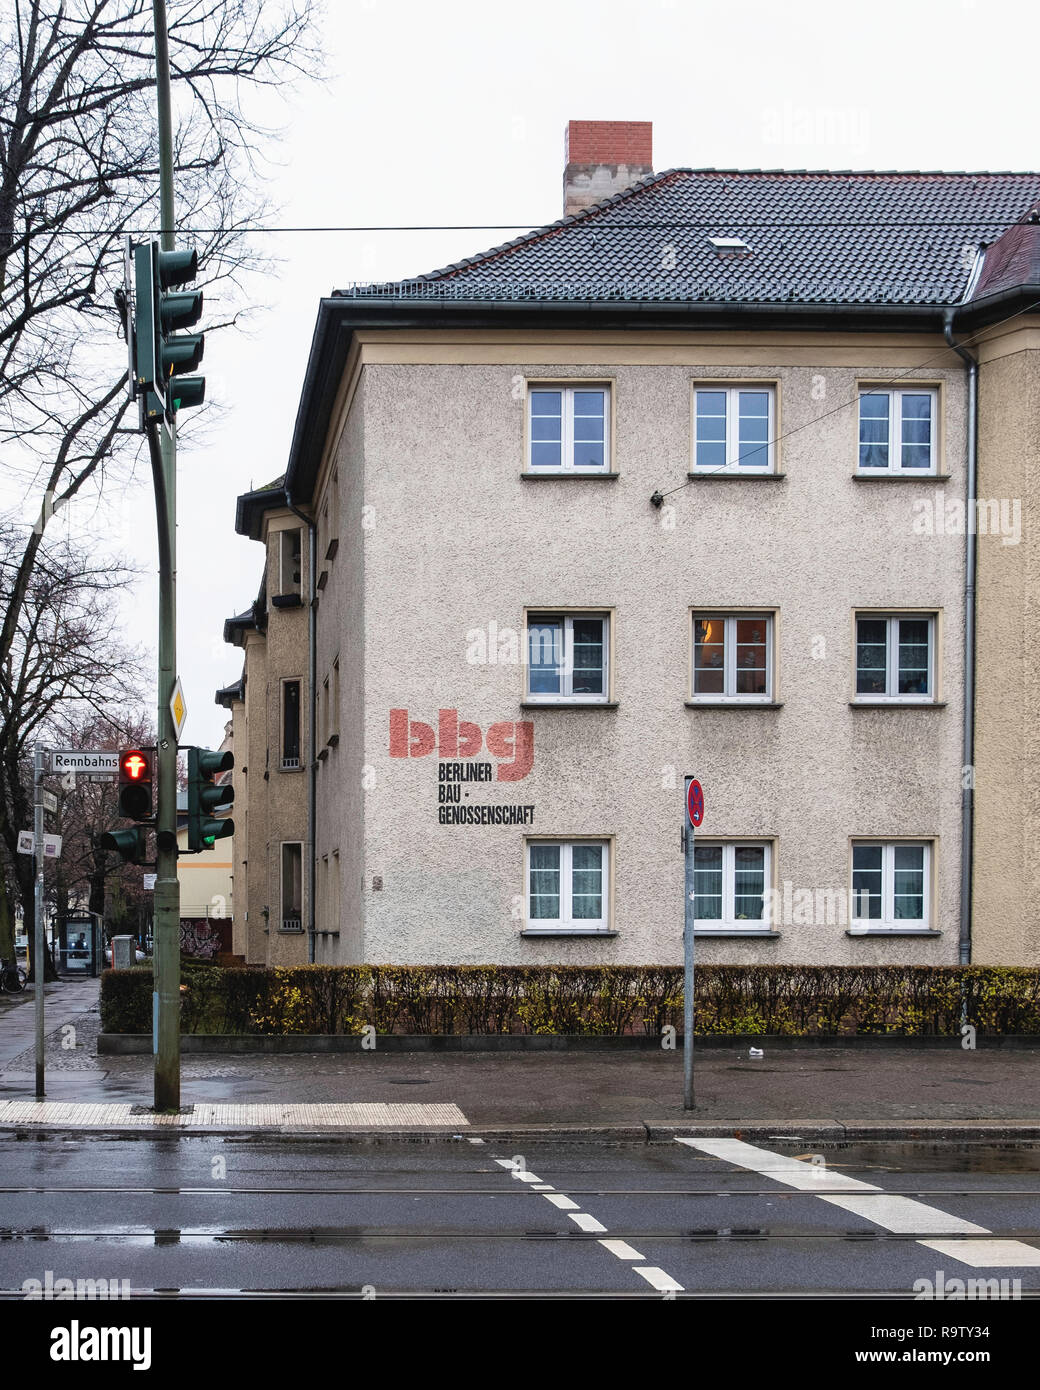 Berlin Weissensee Bbg Berliner Baugenossenschaft Housing Co